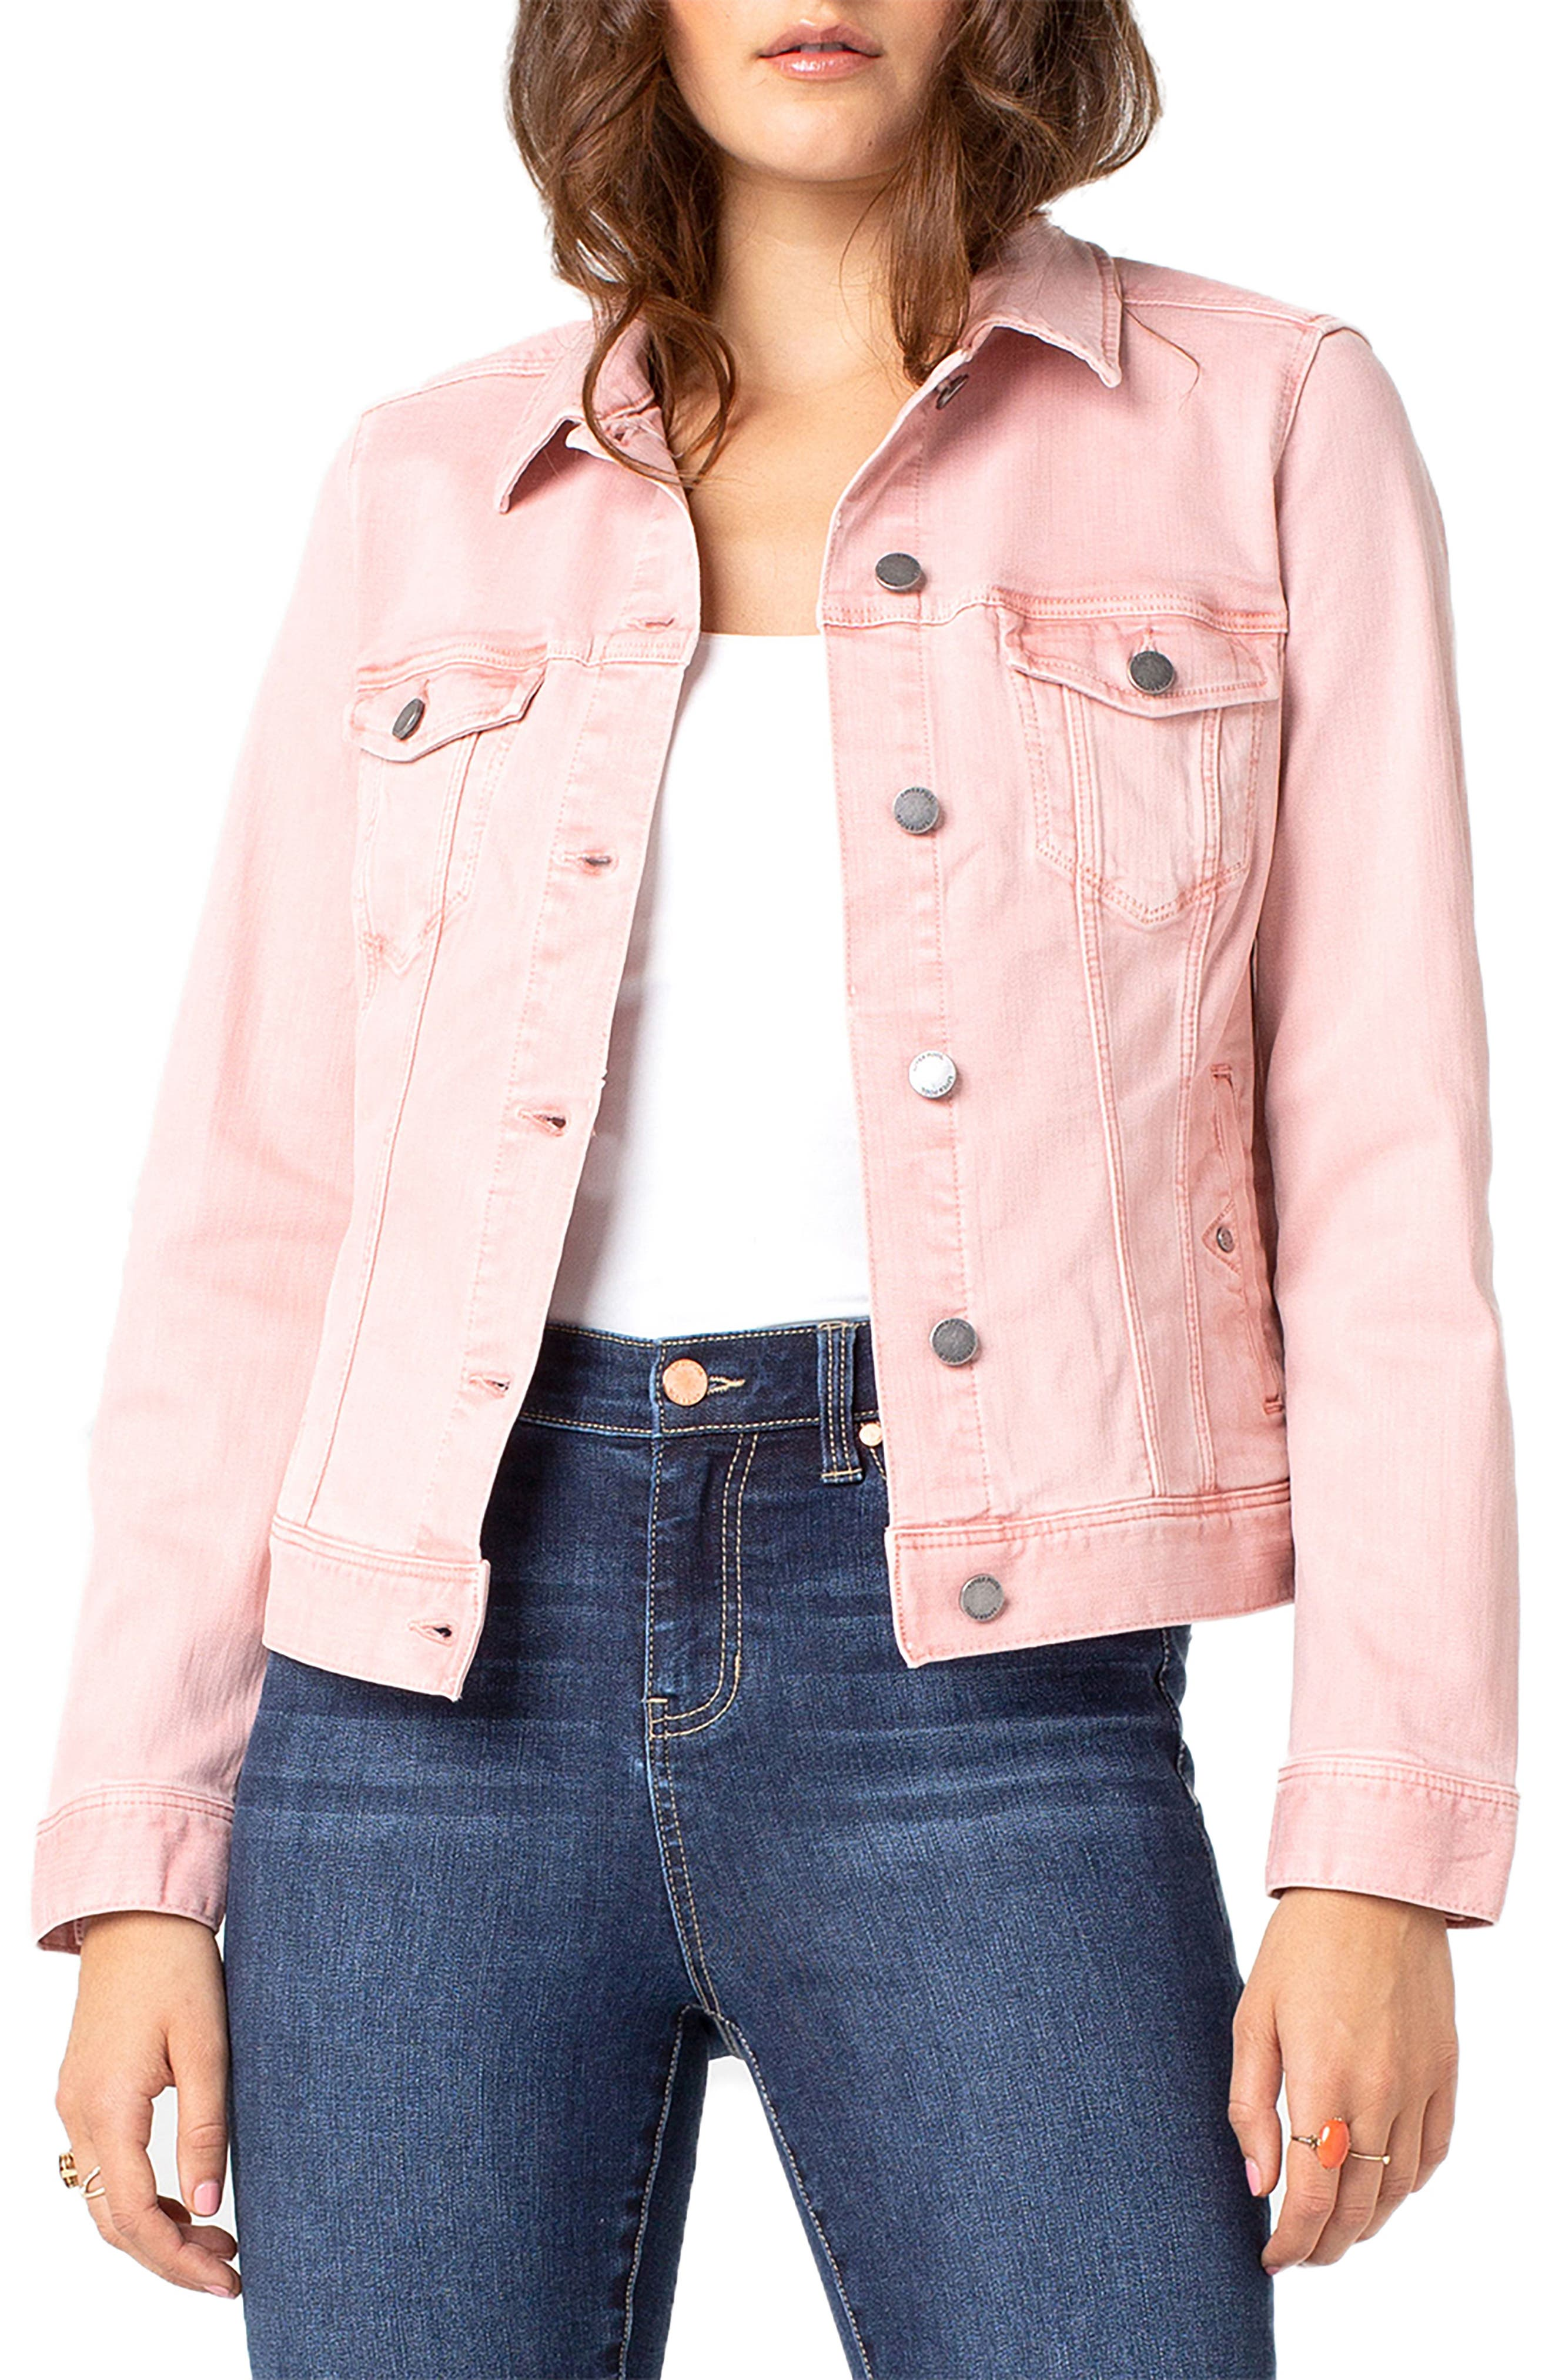 LIVERPOOL Denim Jacket, Main, color, MISTY ROSE